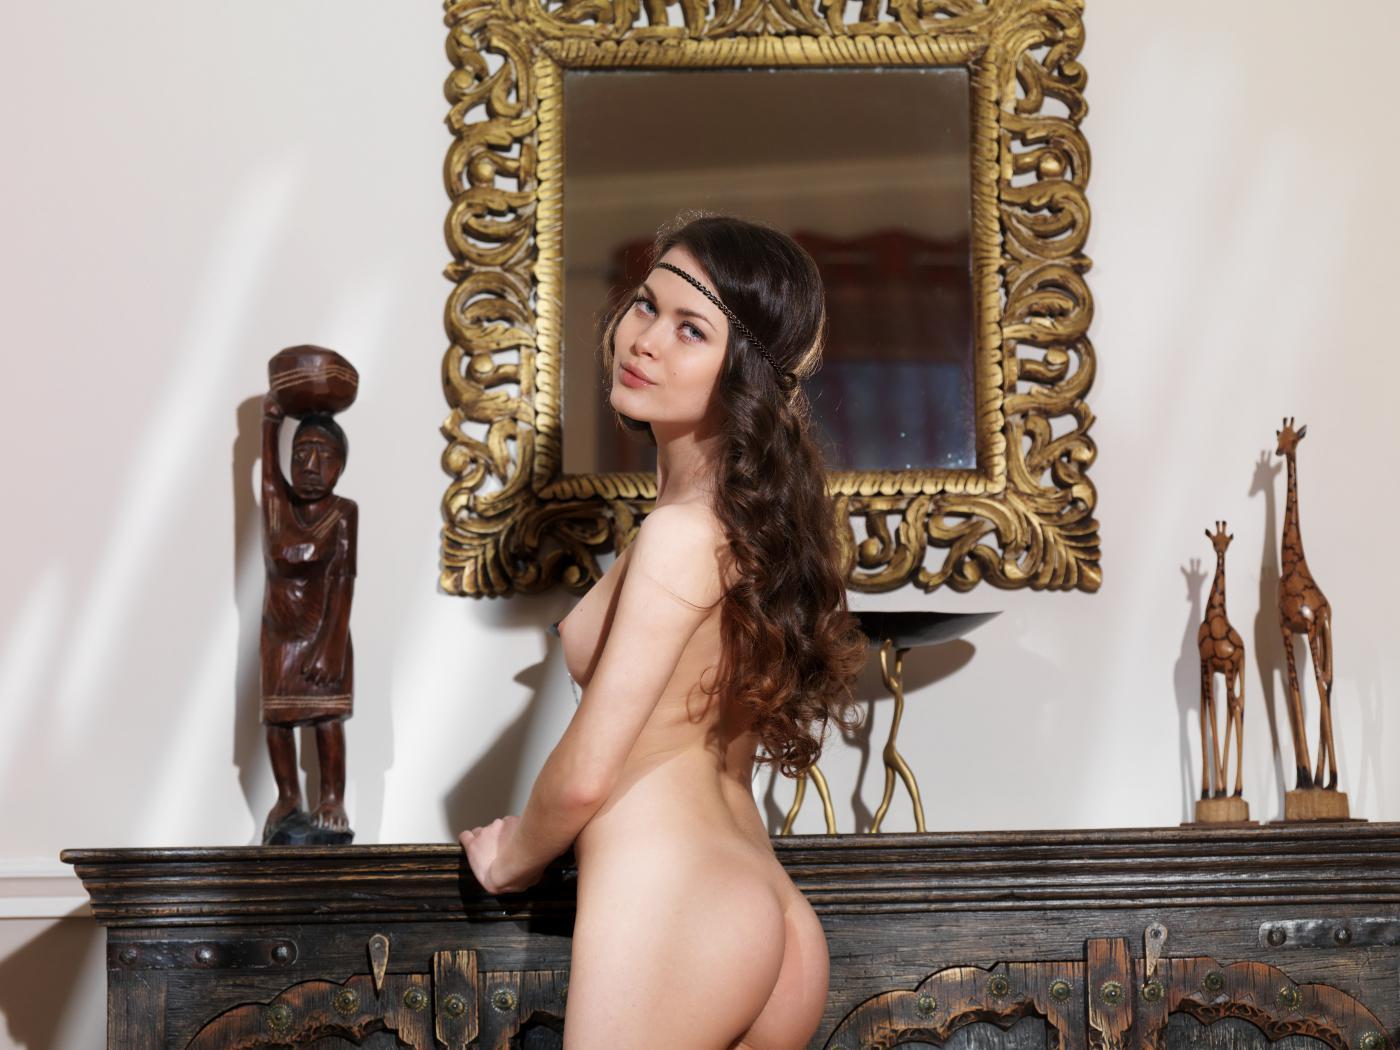 Обнаженная шатенка Amelie B делает селфи и наслаждается своим торсом перед зеркалом